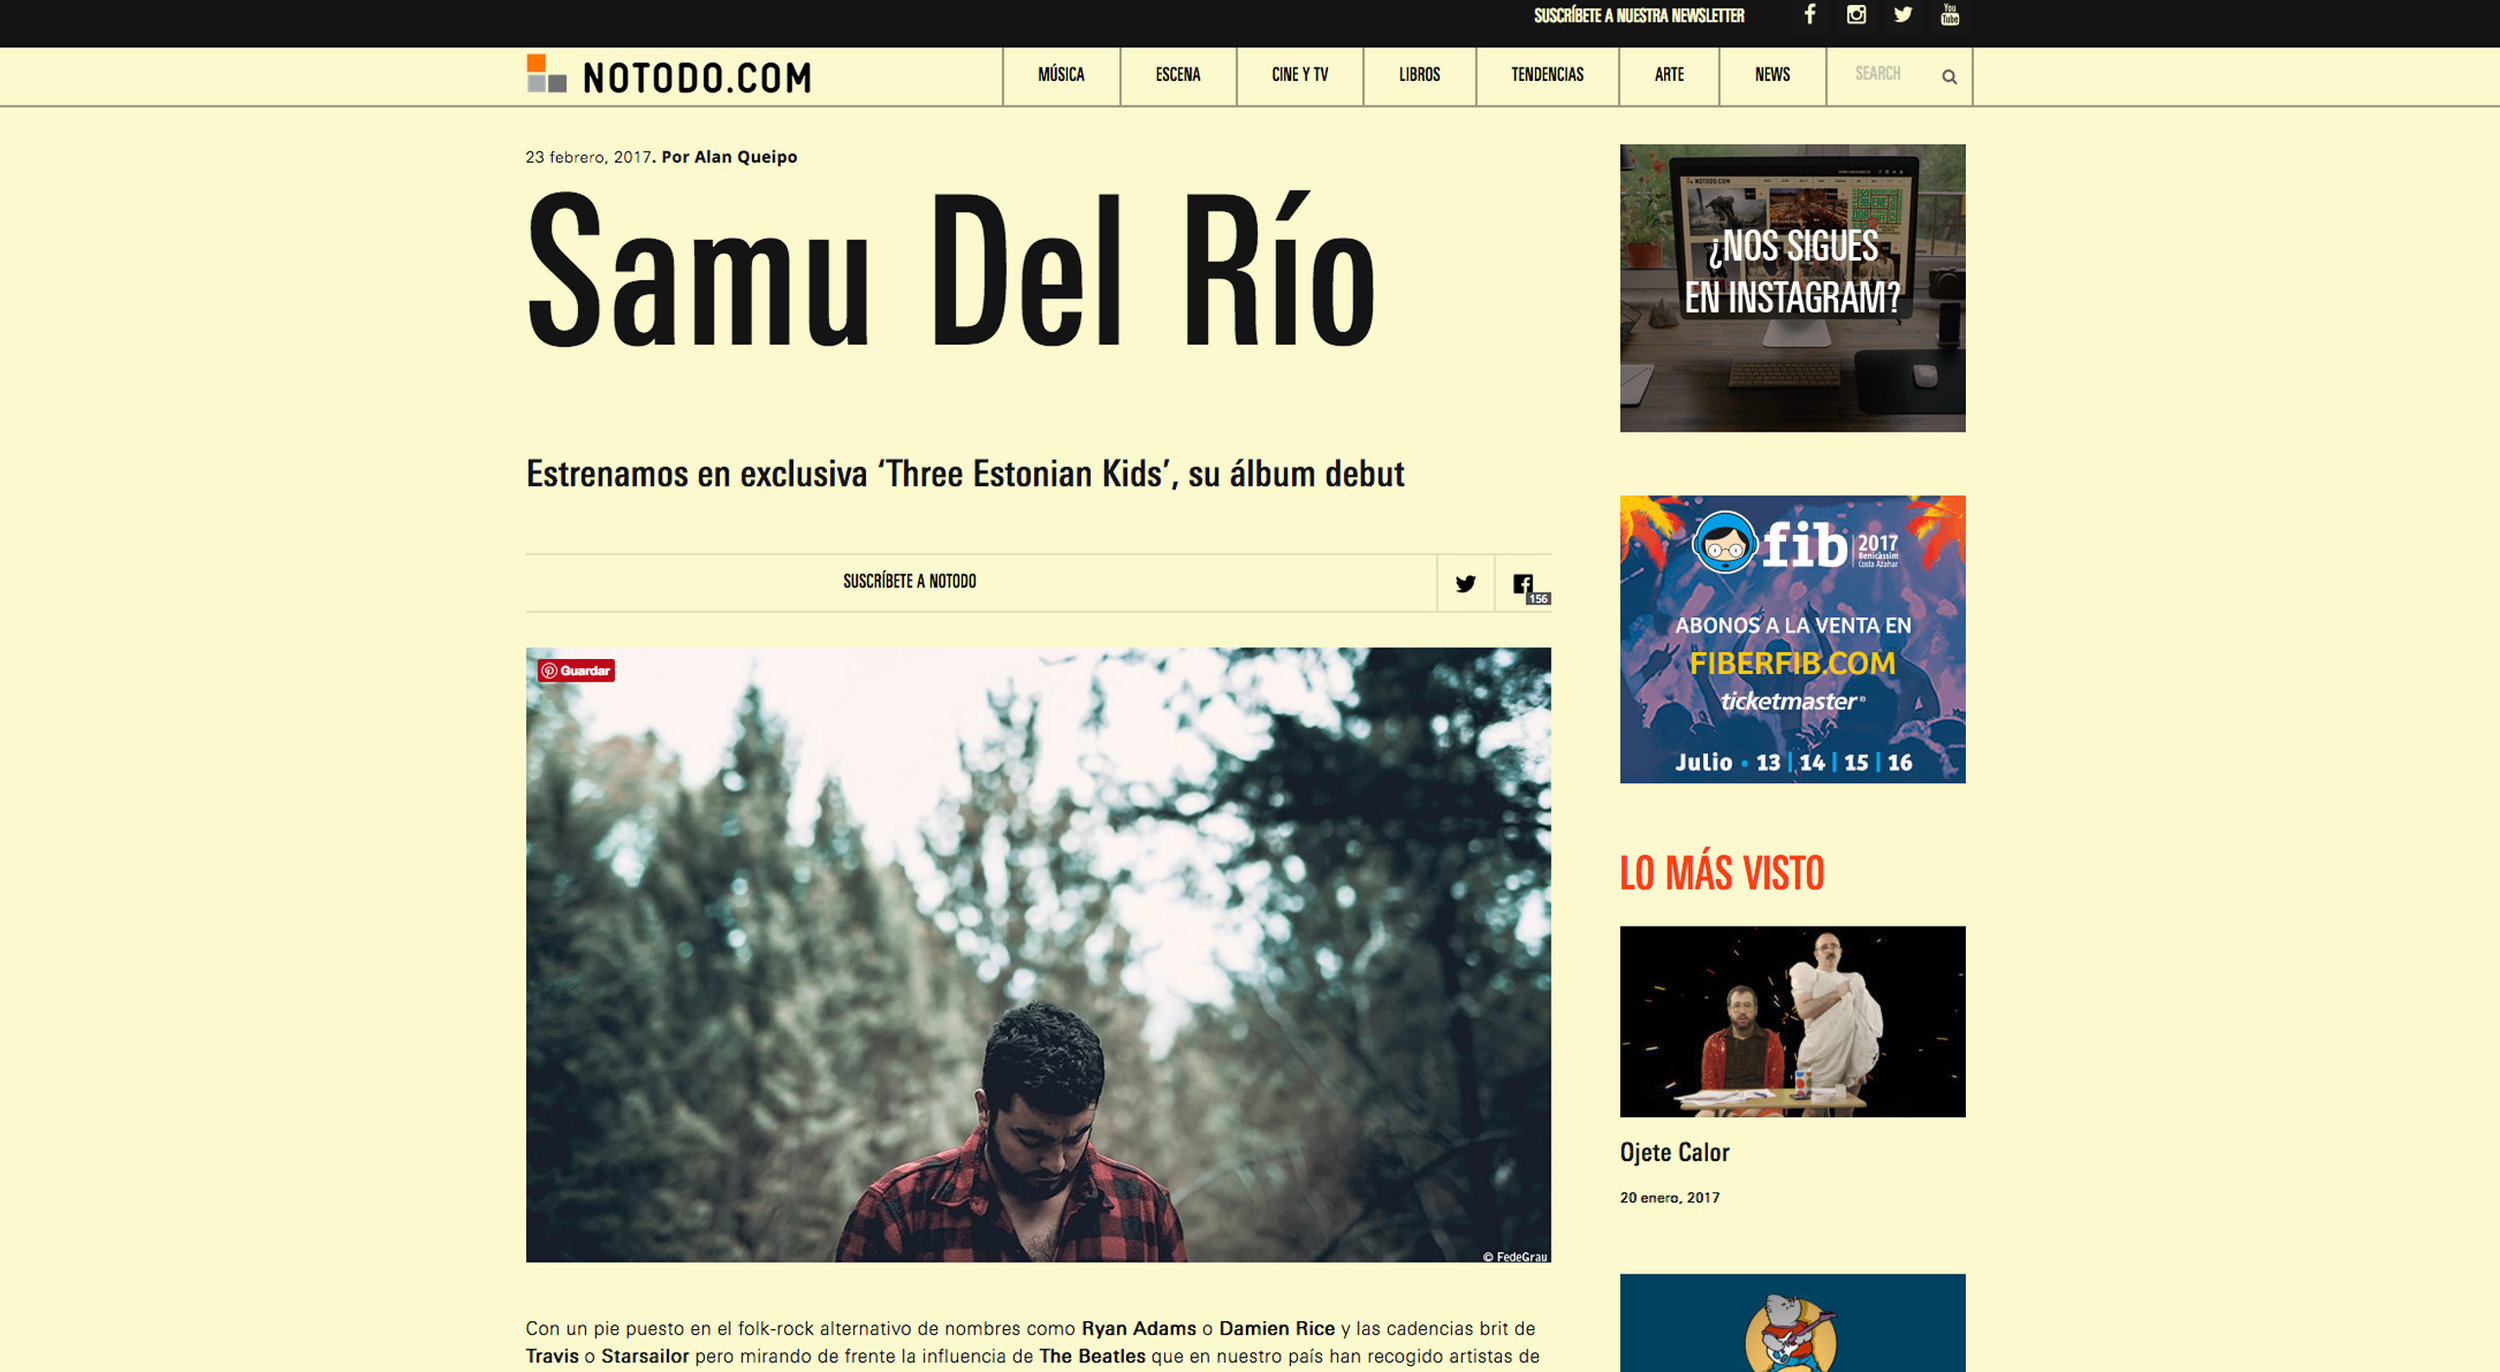 NoTodo.com-SamudlRio-Captura de pantalla.jpg